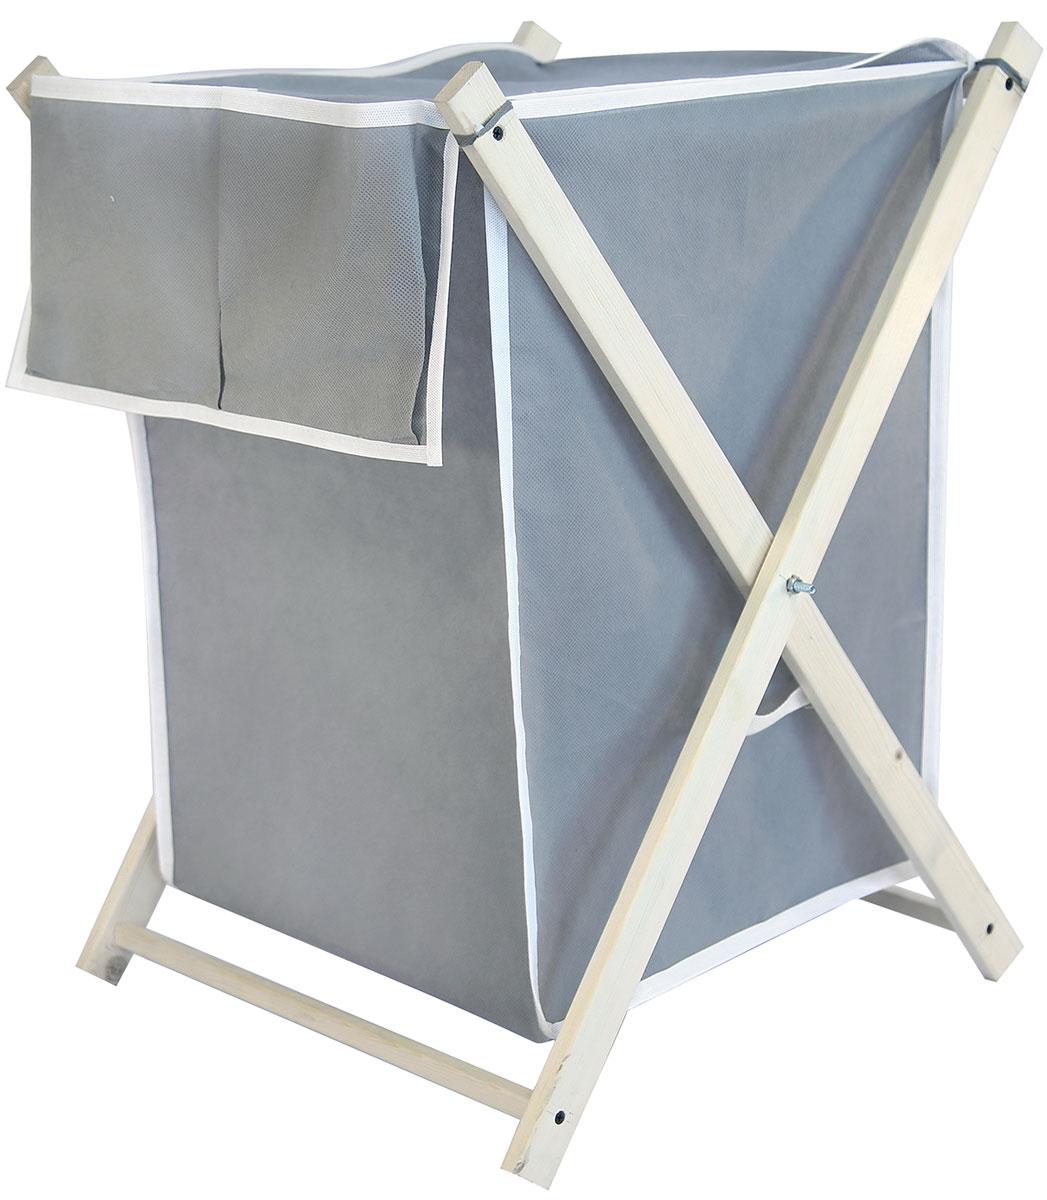 Корзина для белья Ева, складная, цвет: серый, 43 х 50 х 63 смЕ492Складная корзина для белья с карманами – удобная, многофункциональная и незаменимая вещь в ванной комнате. В отличие от пластиковой корзины не выделяет вредных веществ при нагревании. Корзина выполнена из натуральных, экологичных материалов. Хорошая проницаемость ткани для воздуха не позволит повышенной влажности испортить белье, пока оно ожидает в этой корзине своей очереди на стирку. Она совмещает в себе функции вместительного резервуара для белья и дизайнерского аксессуара. Легкость и прочность конструкции гарантируют долговечность изделия и простоту в использовании. В сложенном положении корзина не займет много места, благодаря удобной конструкции вы сможете легко перевозить и хранить корзину.Размер каркаса: 64,5 х 48 х 48 см.Размер корзины - 43 х 50 х 63 см.